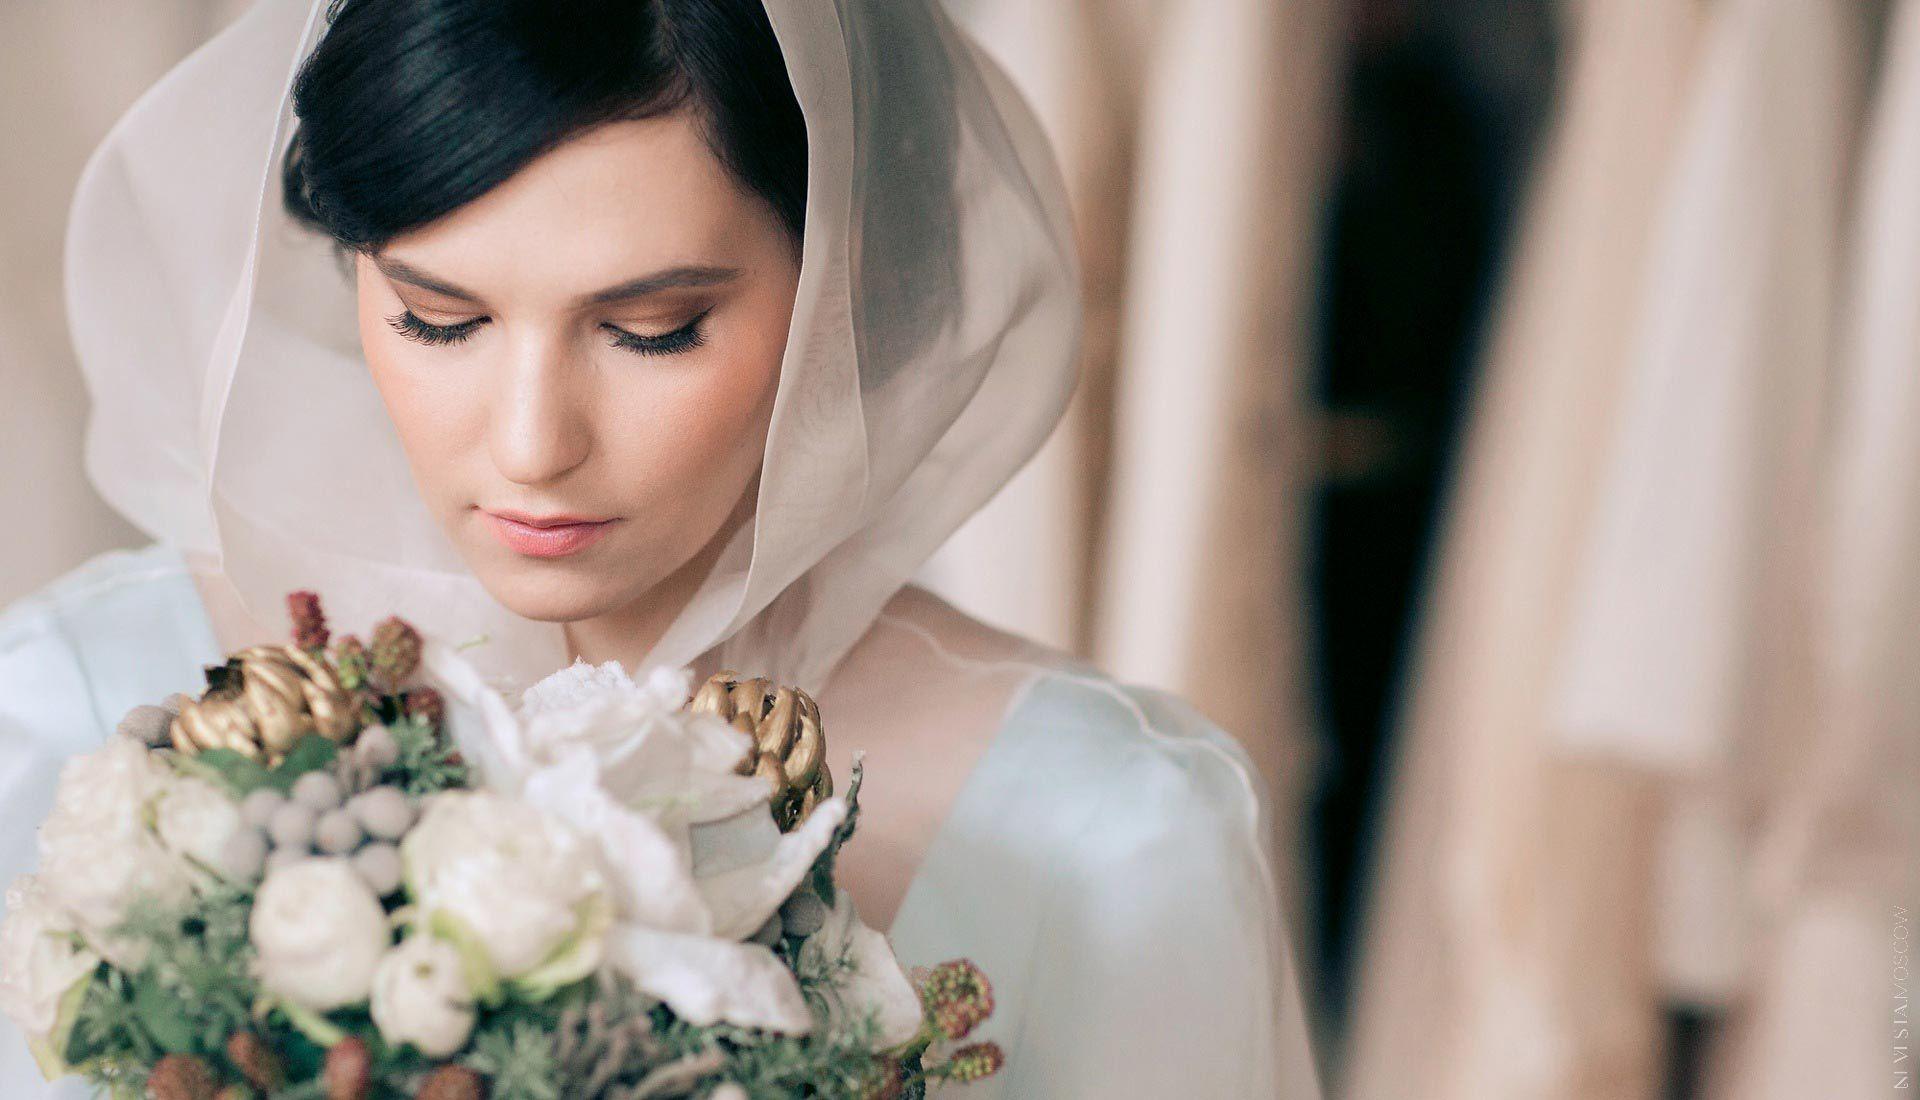 Лесовая примеряет свадебное платье